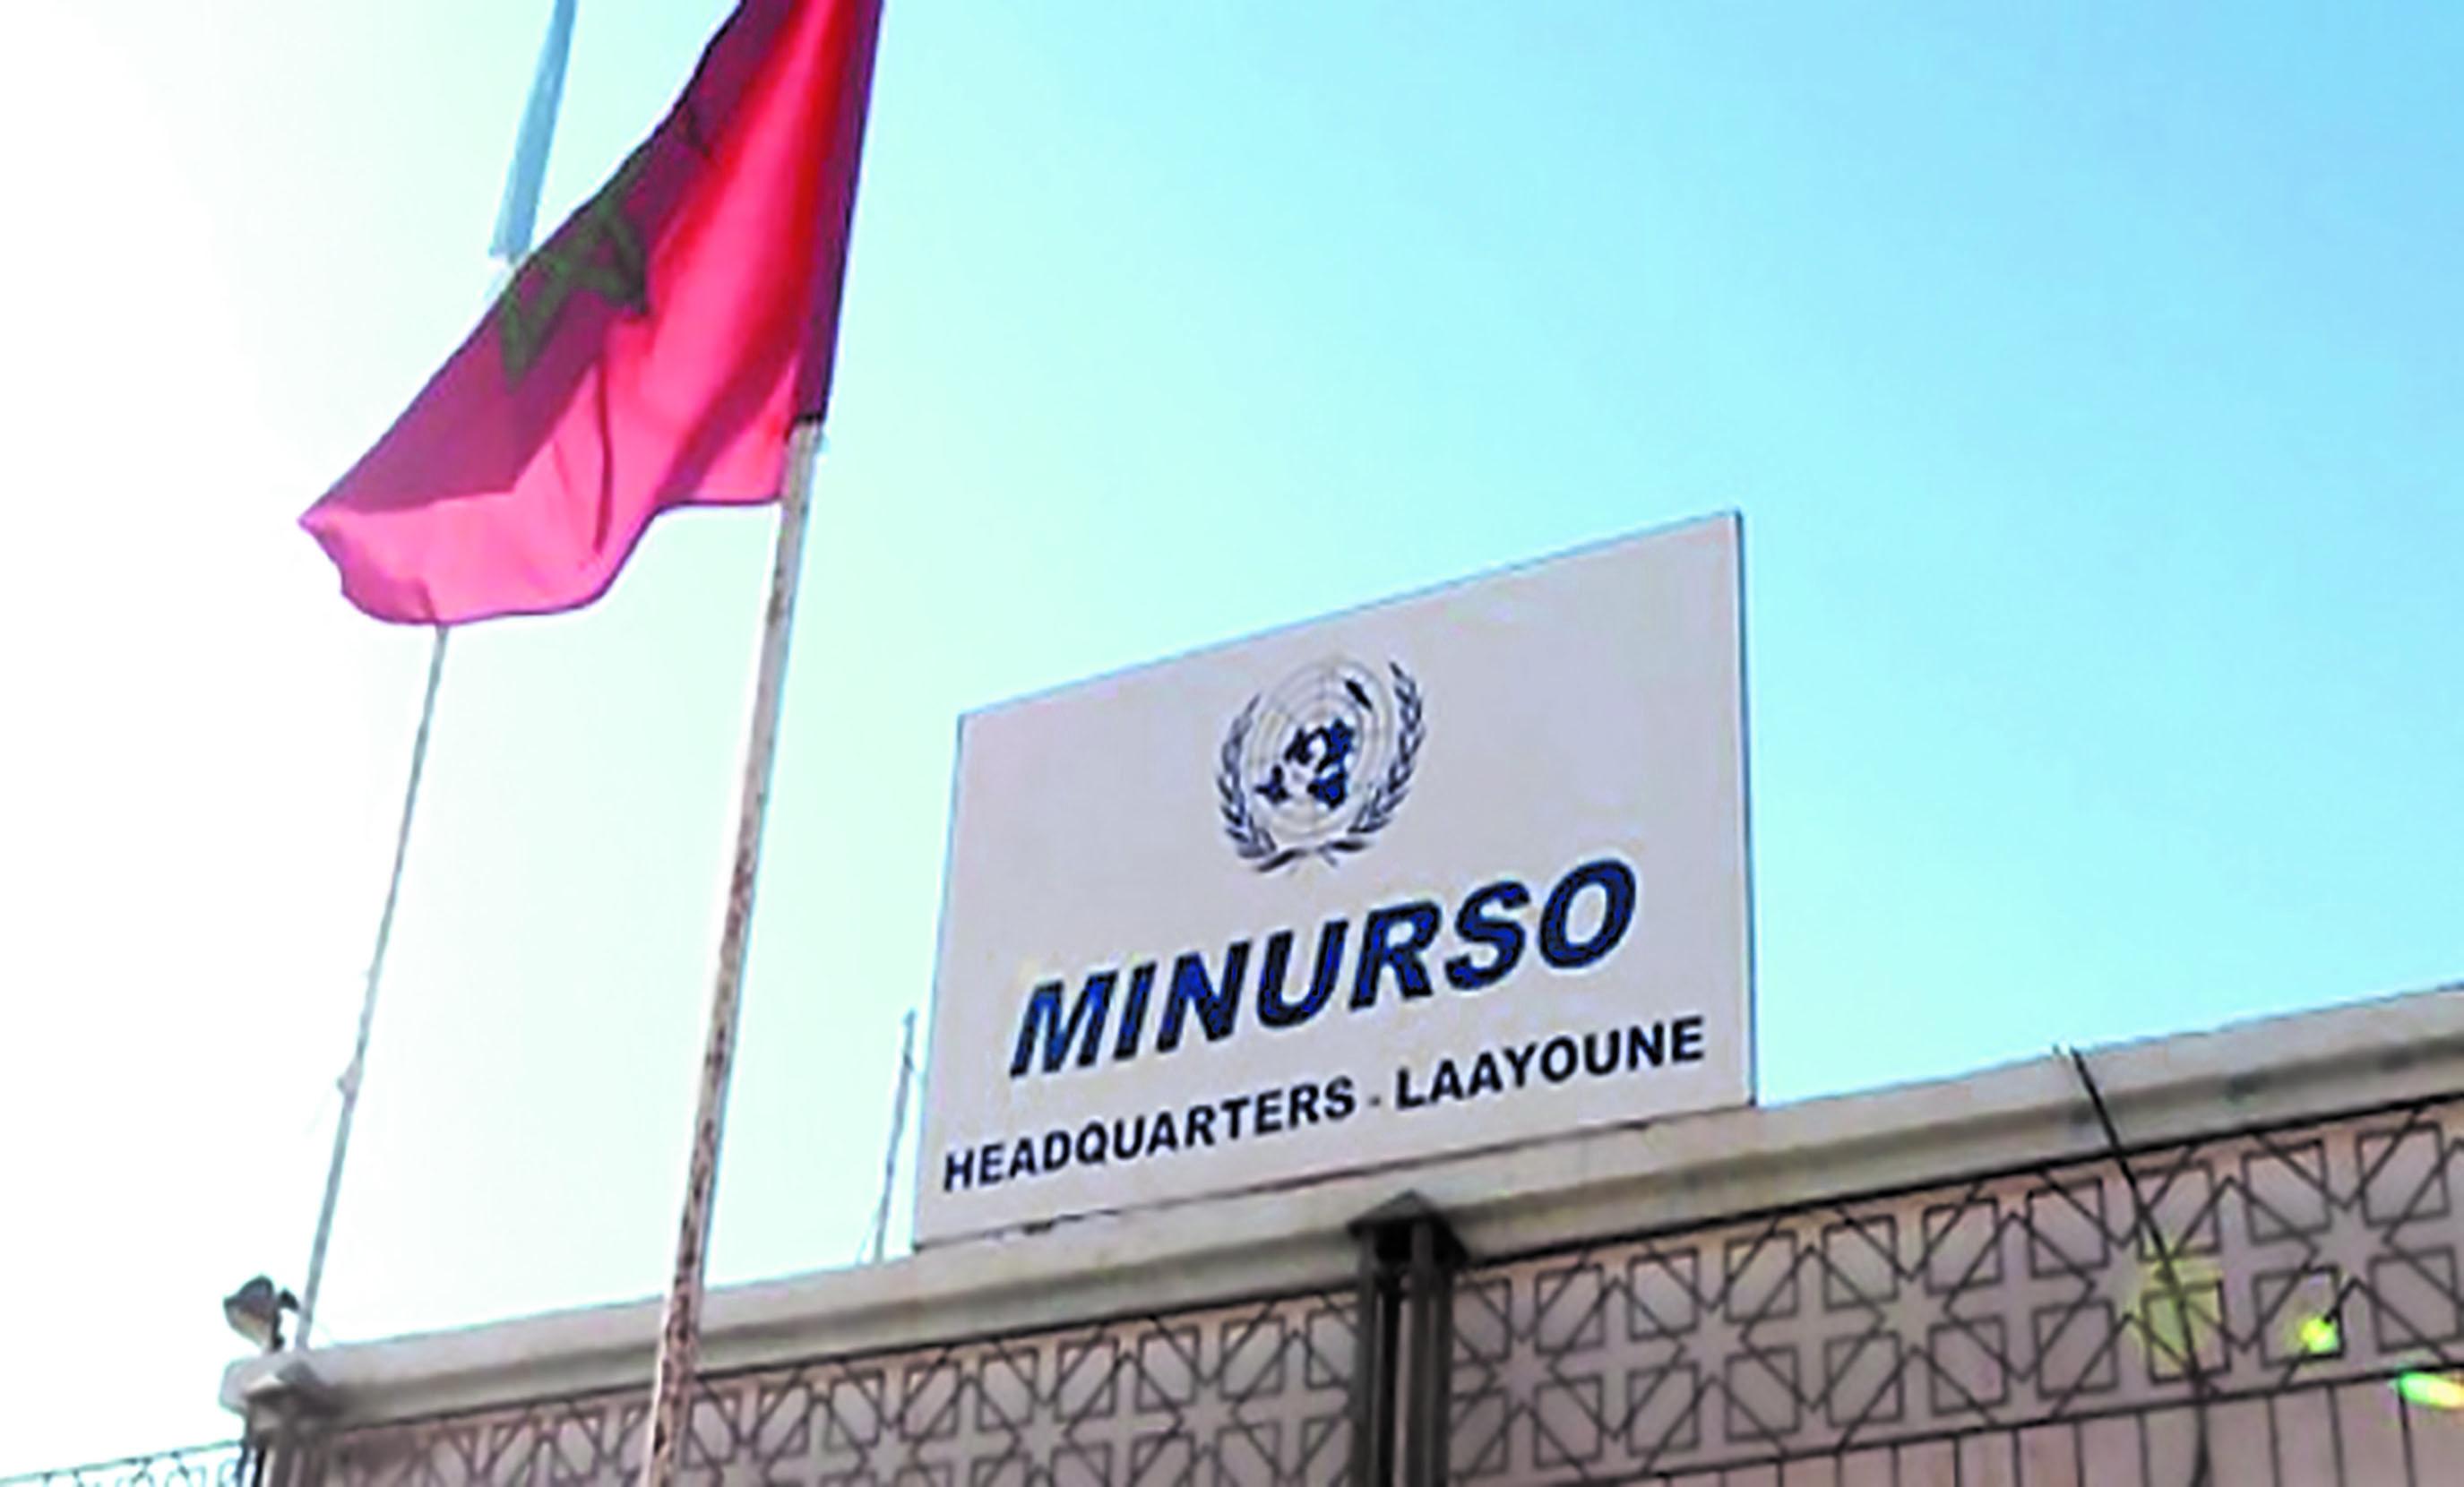 Nomination d'un officier kazakh à la tête de la Minurso